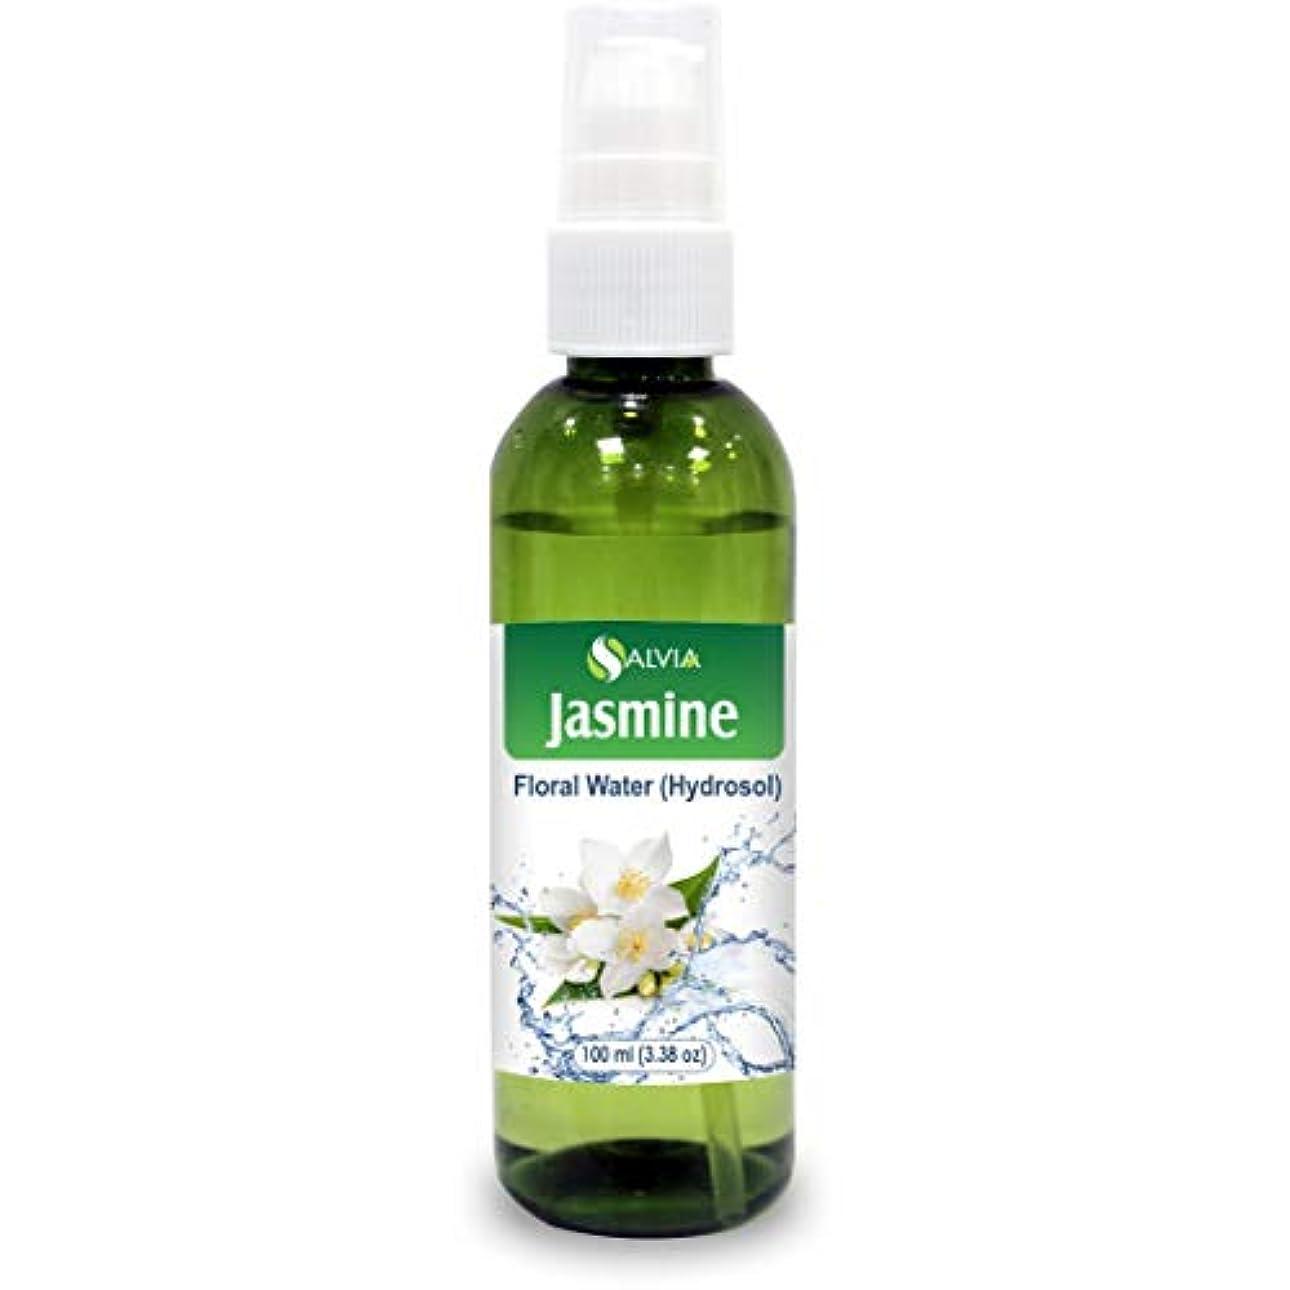 ゴシップ息子グラムJasmine Floral Water 100ml (Hydrosol) 100% Pure And Natural